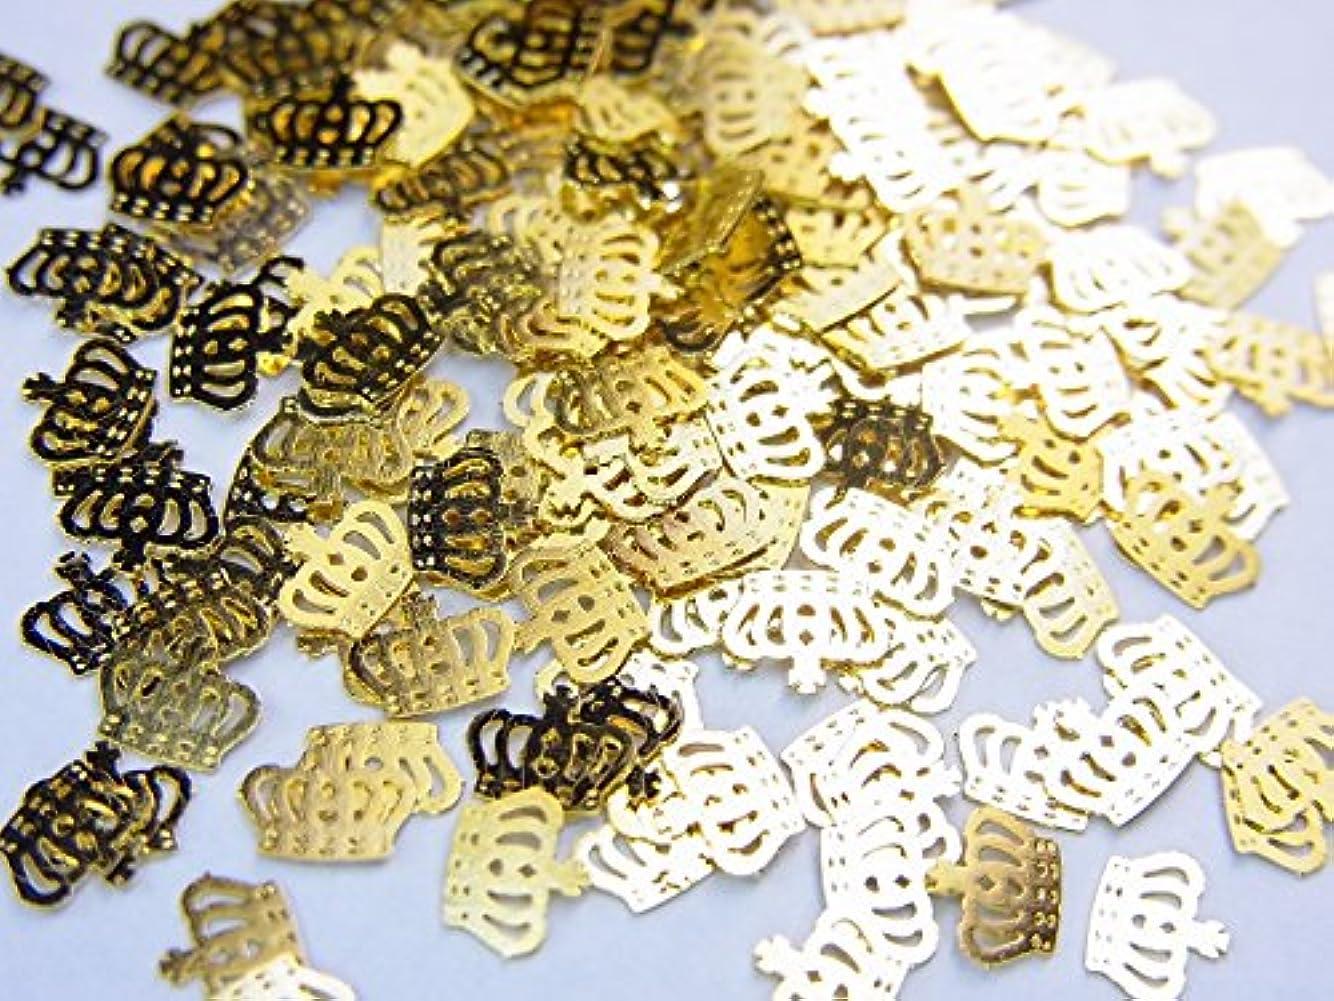 ブラウン大行政【jewel】薄型ネイルパーツ ゴールド王冠クラウン10個